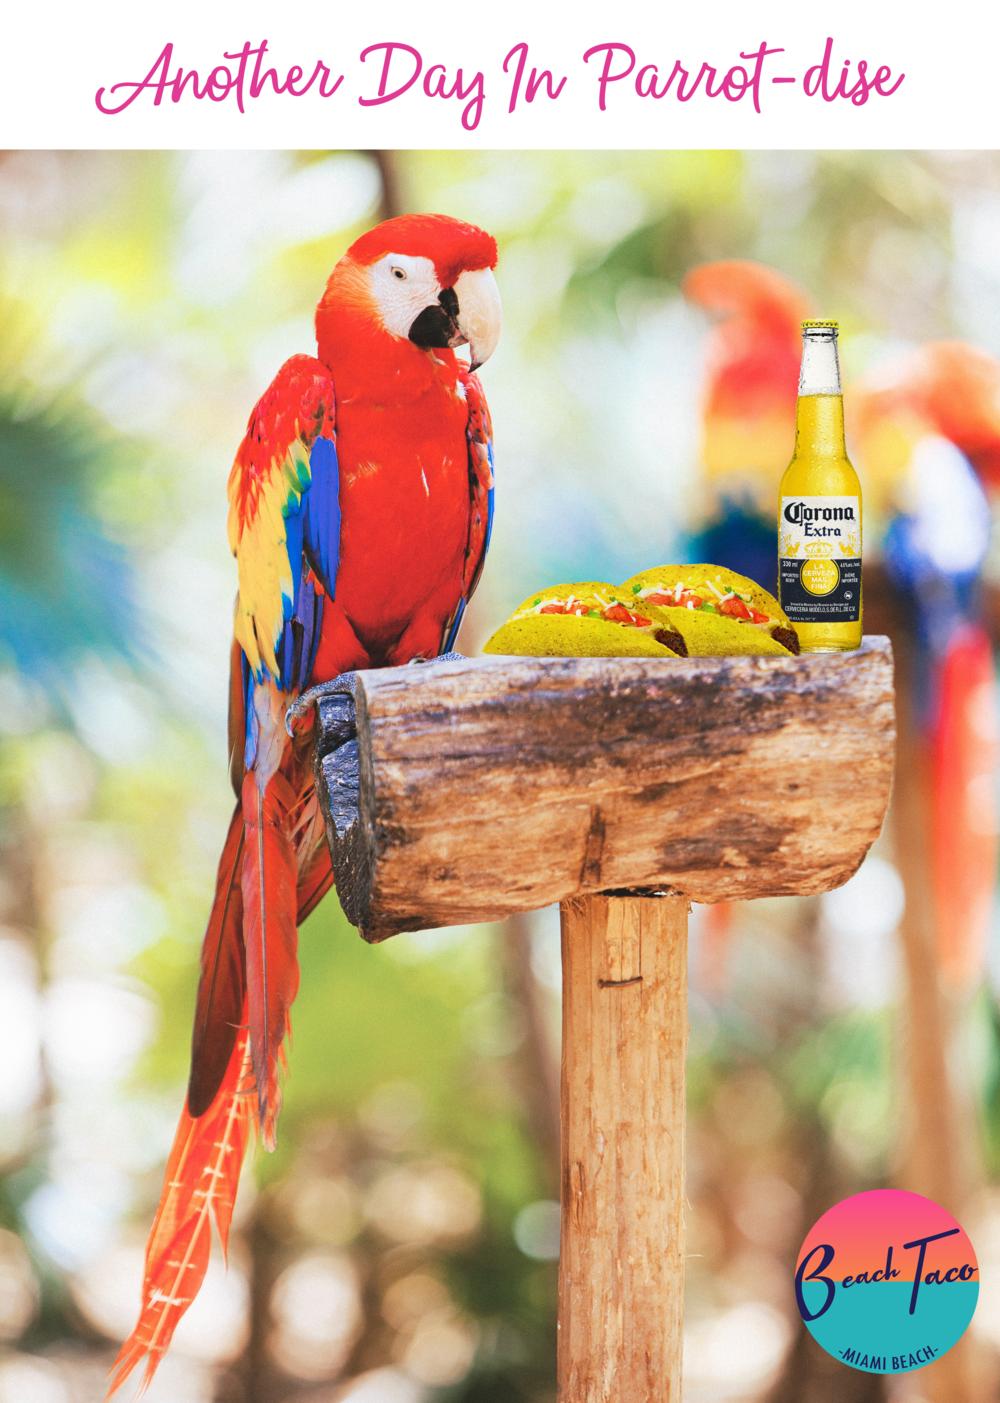 Parrotdise-2.png